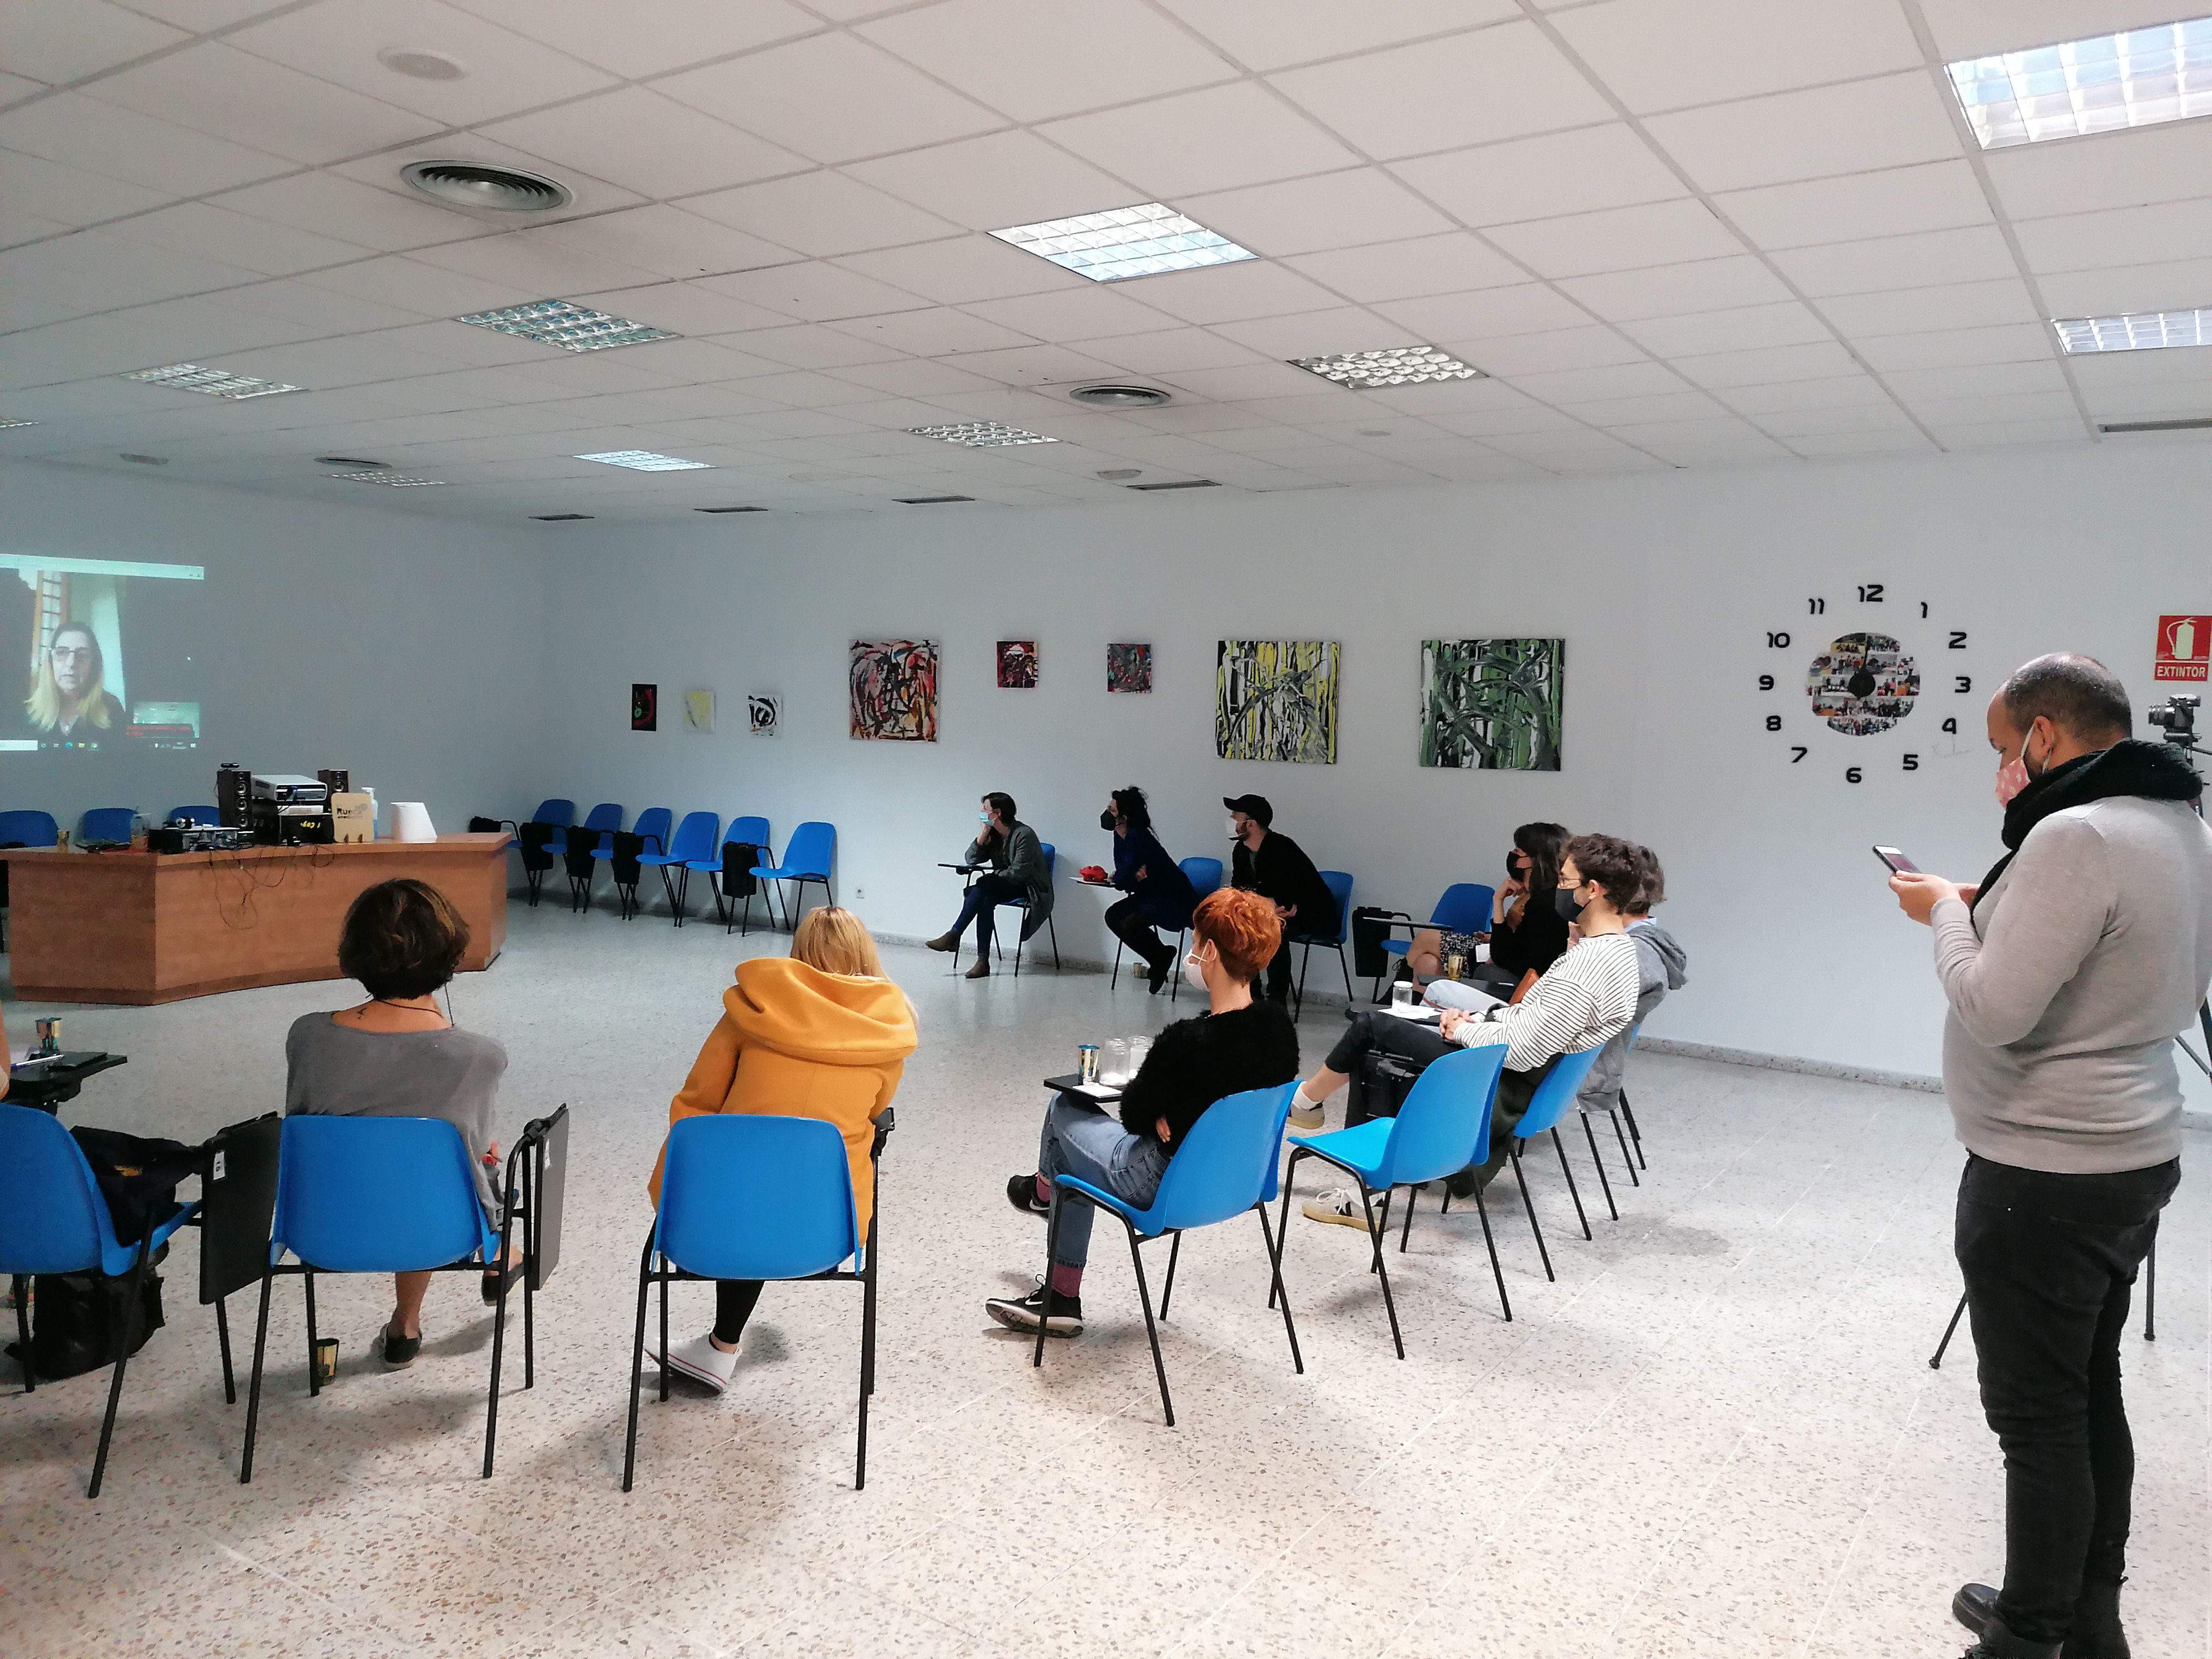 DESVIO. Encuentro artístico en el CEPI